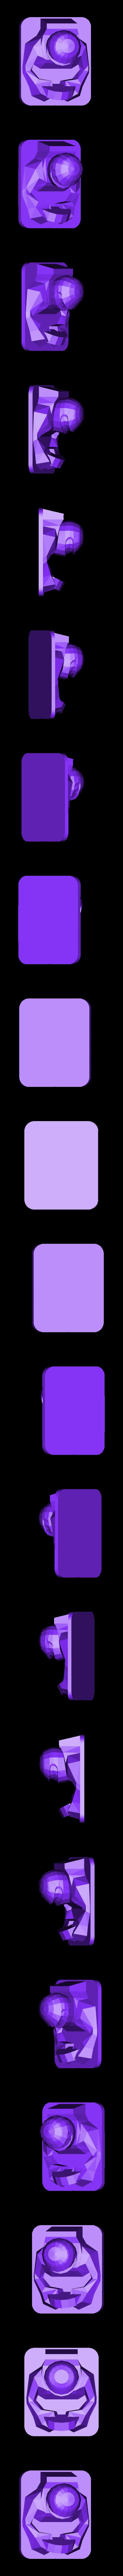 grasshopper_cockpit.stl Télécharger fichier STL gratuit TAMIYA GRASSHOPPER 1:24 kit d'échelle pour SUBOTECH • Modèle à imprimer en 3D, 3dxl